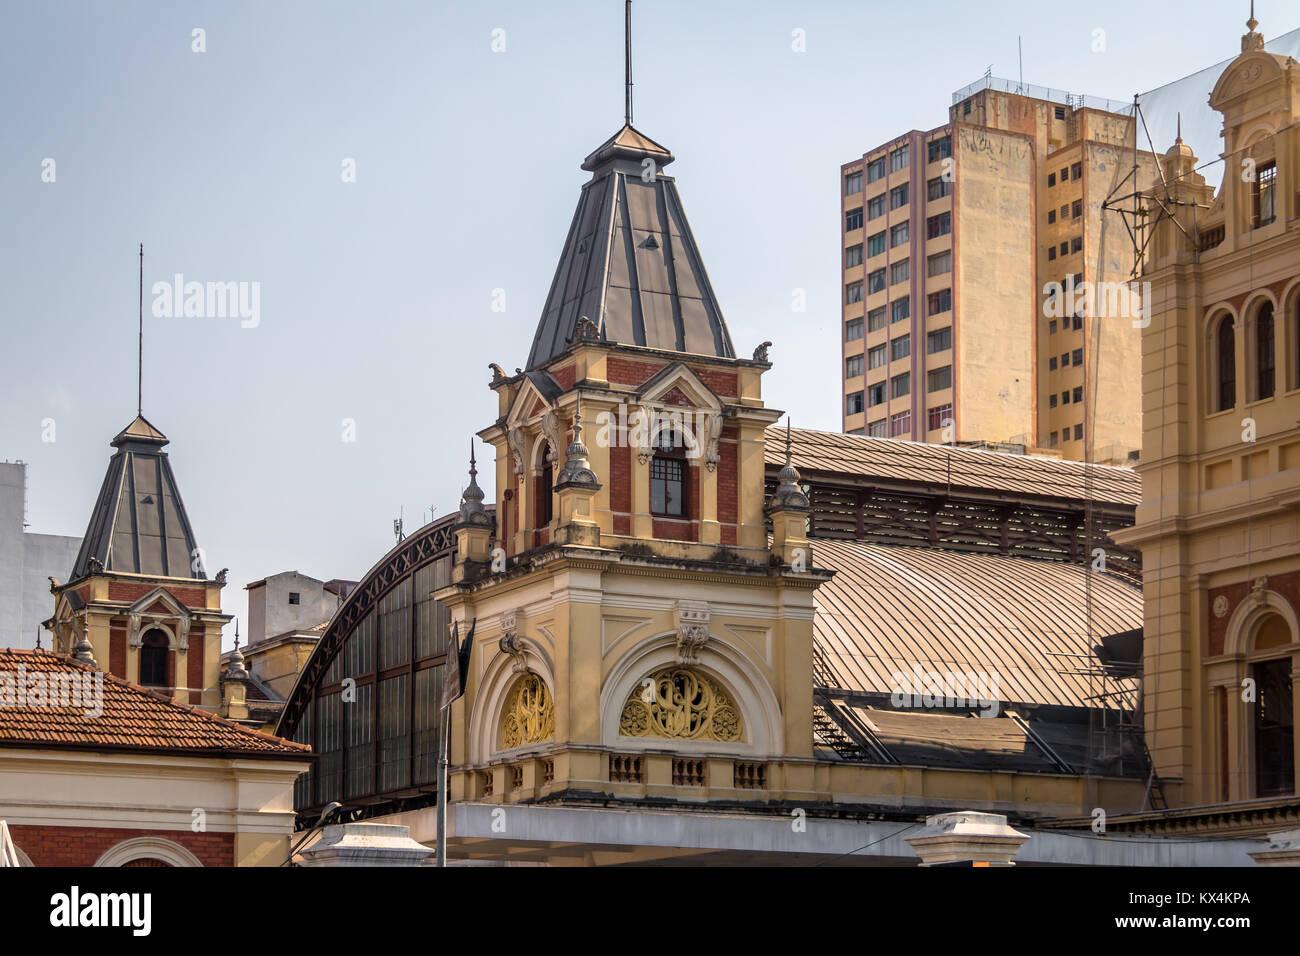 La estación Luz Tower - Sao Paulo, Brasil. Imagen De Stock